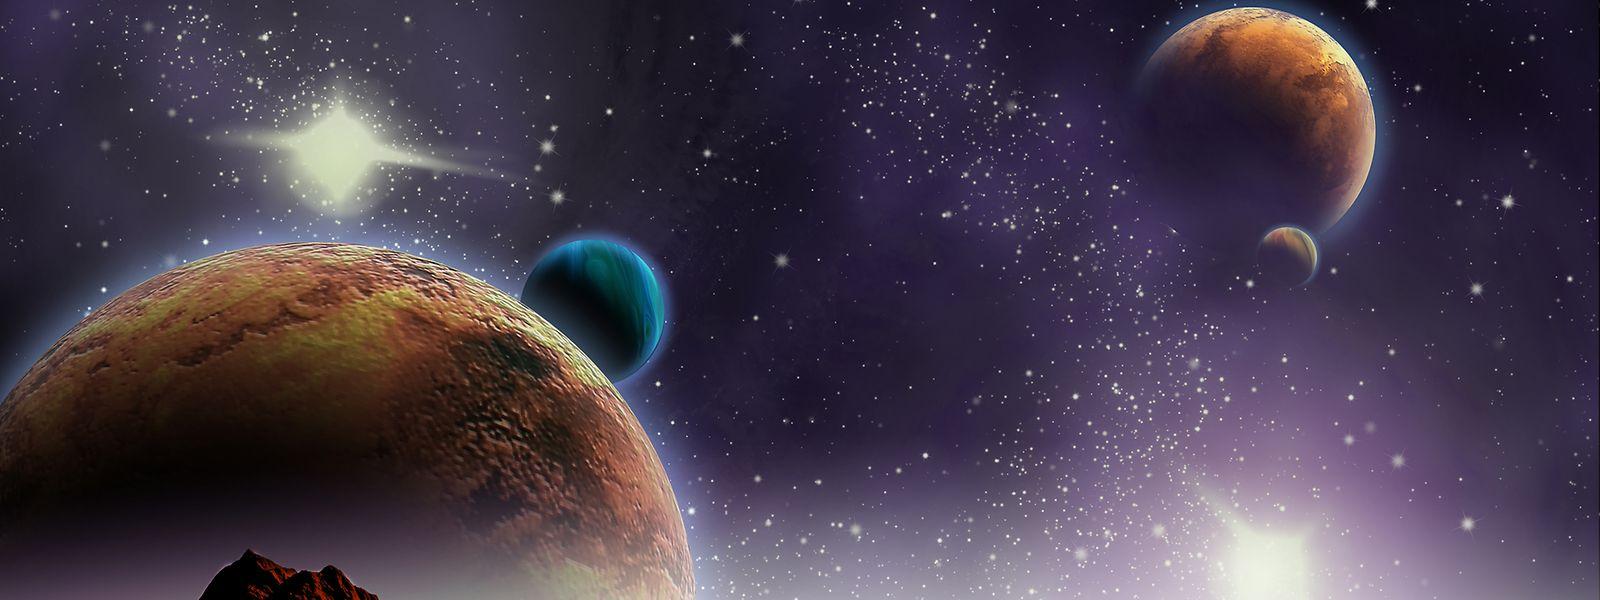 Das Weltall, unendliche Welten ... auch Luxemburg möchte bei ihrer Erforschung dabei sein.